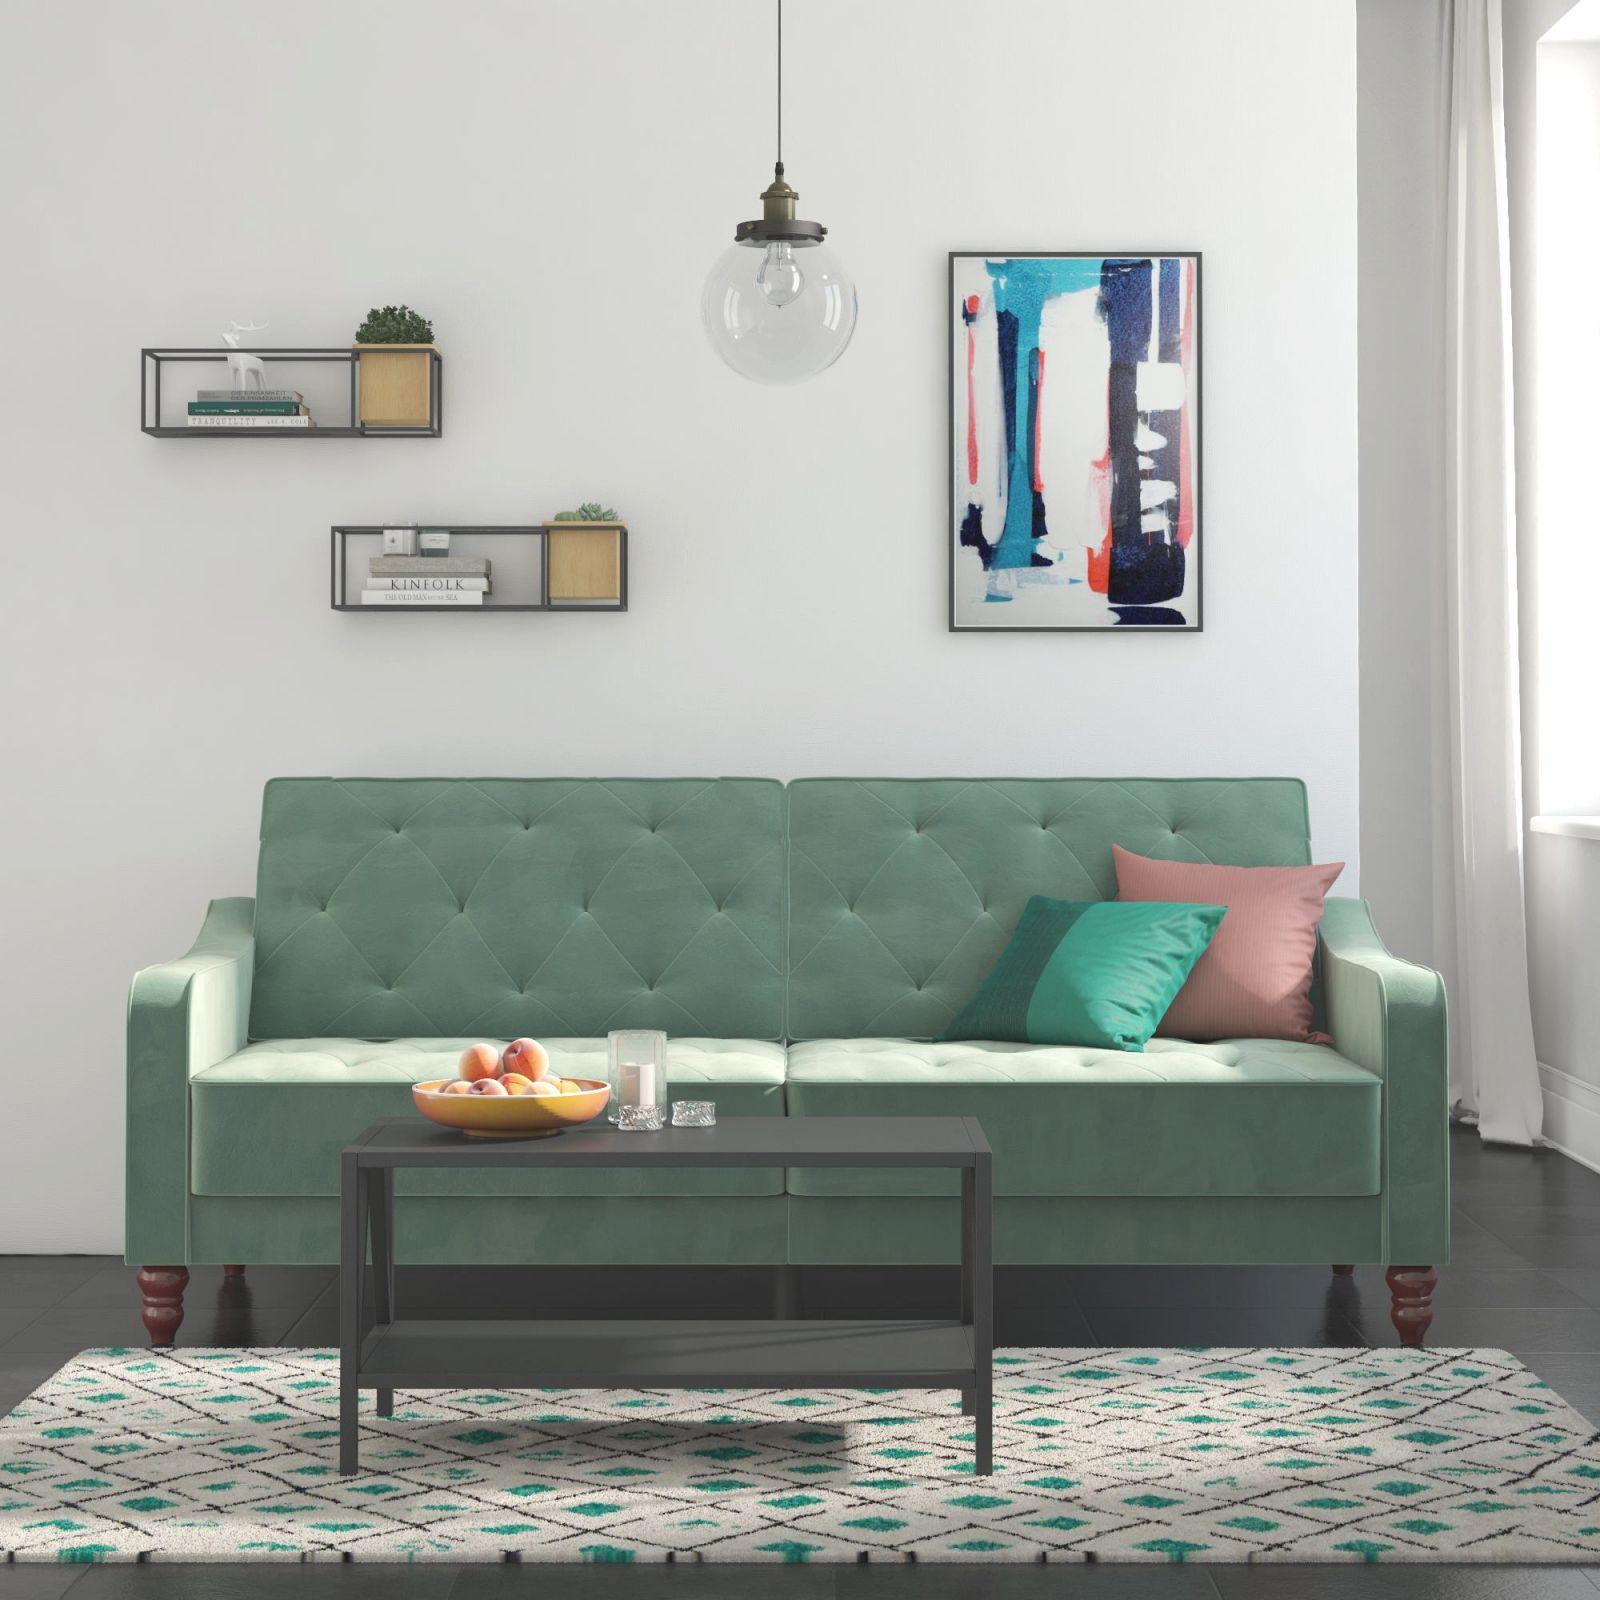 Novogratz Vintage Tufted Velvet Split Back Sofa Bed, Multiple Colors intended for Teal Living Room Furniture